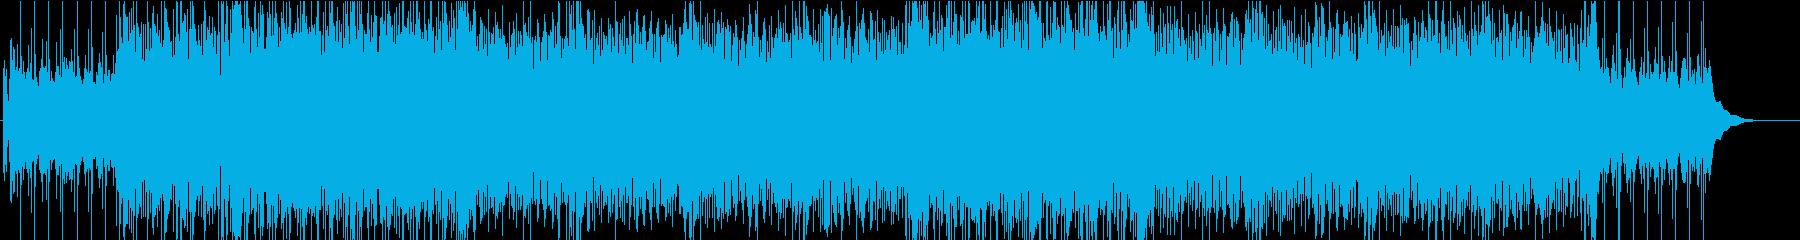 爽やかな4つ打ちのアコースティックの再生済みの波形